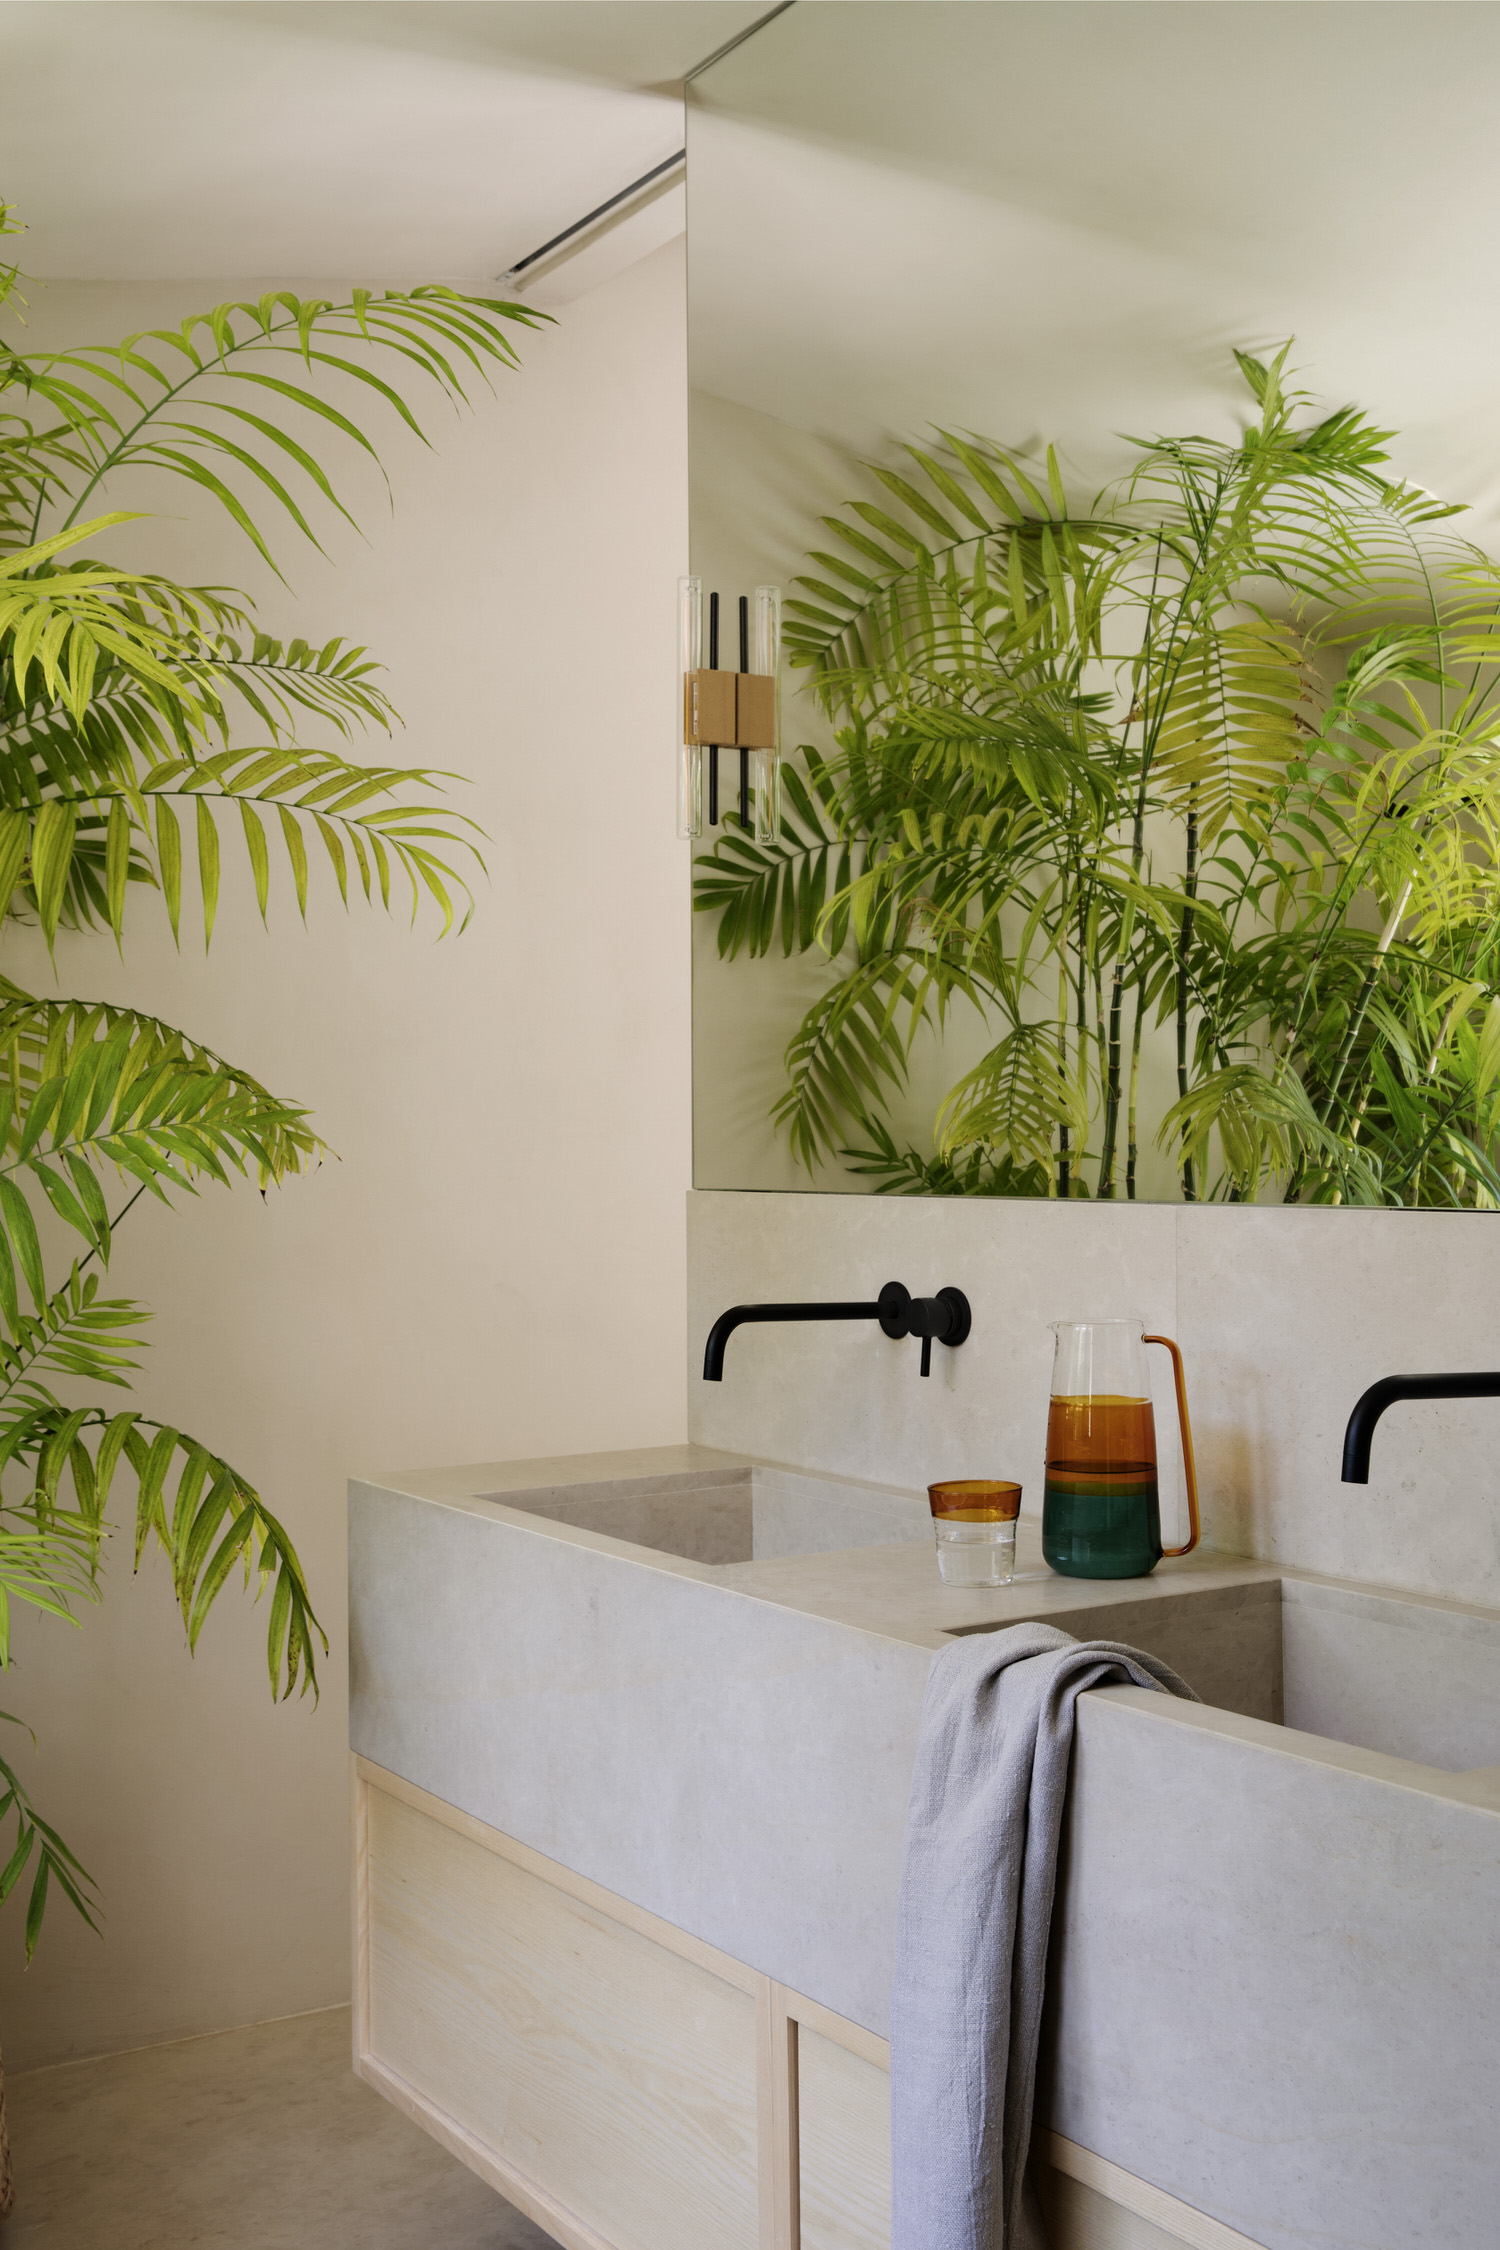 Febrero Studio Casa Marbella Spanish Architecture Photo German Saiz Yellowtrace 25